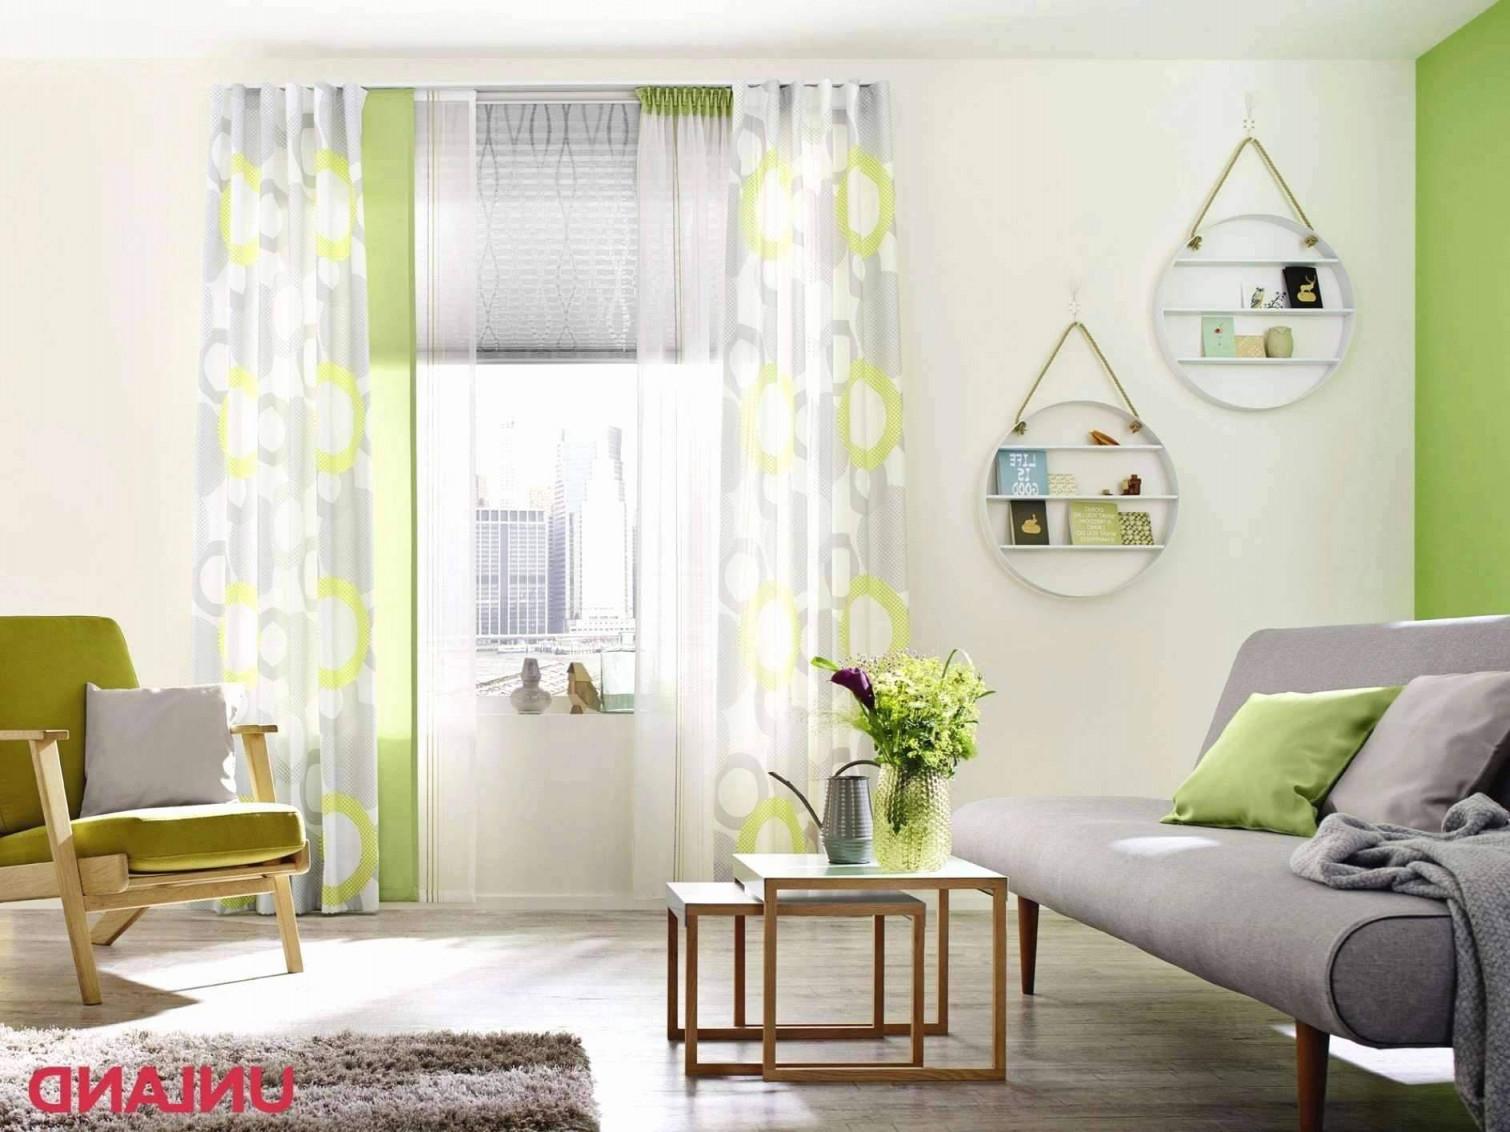 Dekoration Wohnzimmer Modern Inspirierend Beautiful Depot von Depot Deko Ideen Wohnzimmer Photo